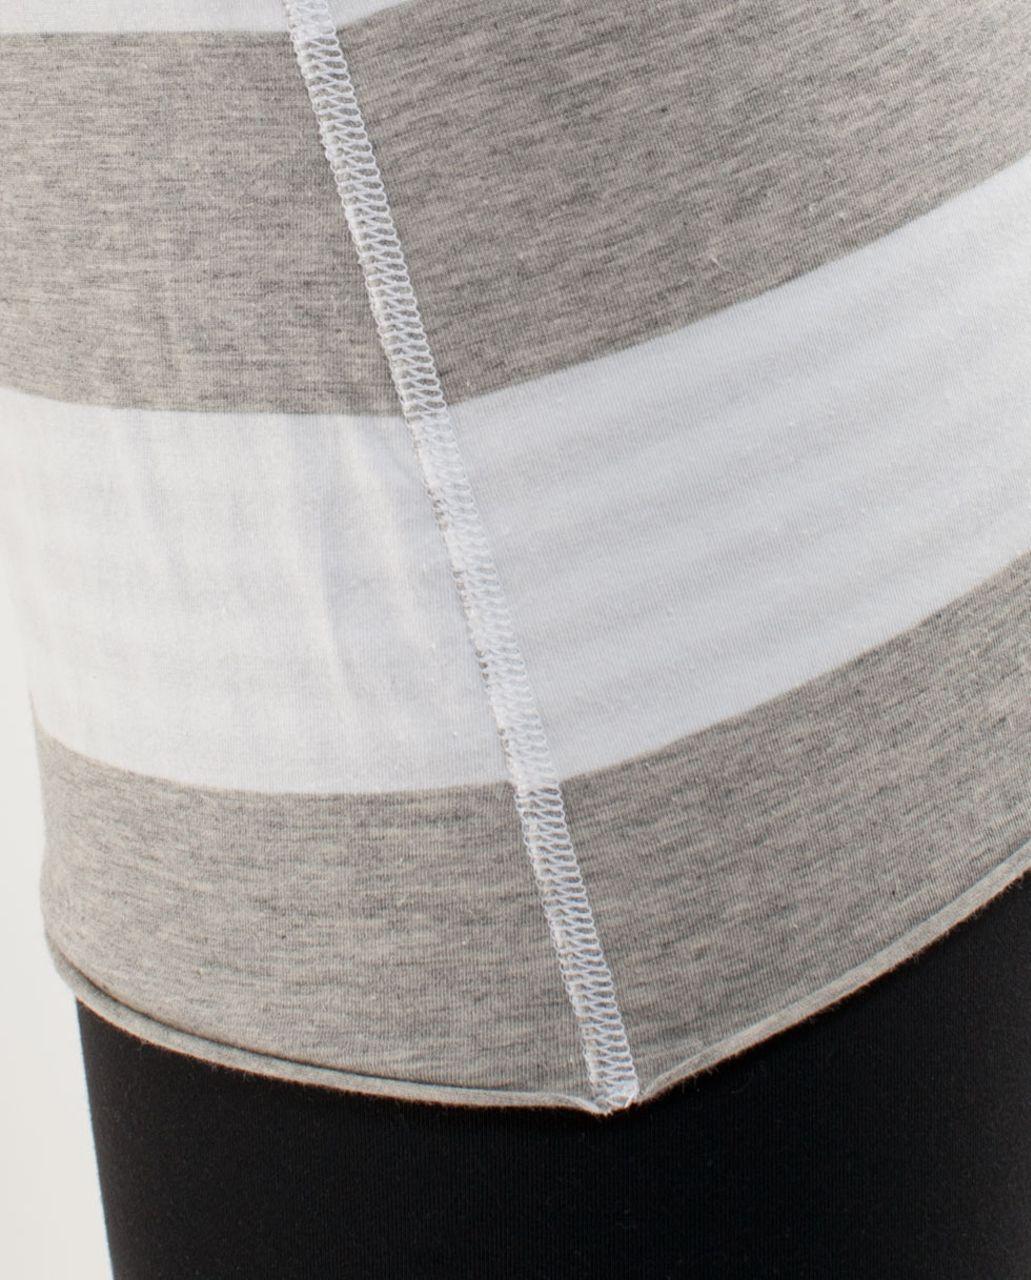 Lululemon Cabin Long Sleeve Tee II - White Silver Spoon Wide Bold Multi Stripe /  Silver Spoon White Narrow Bold Multi Stripe